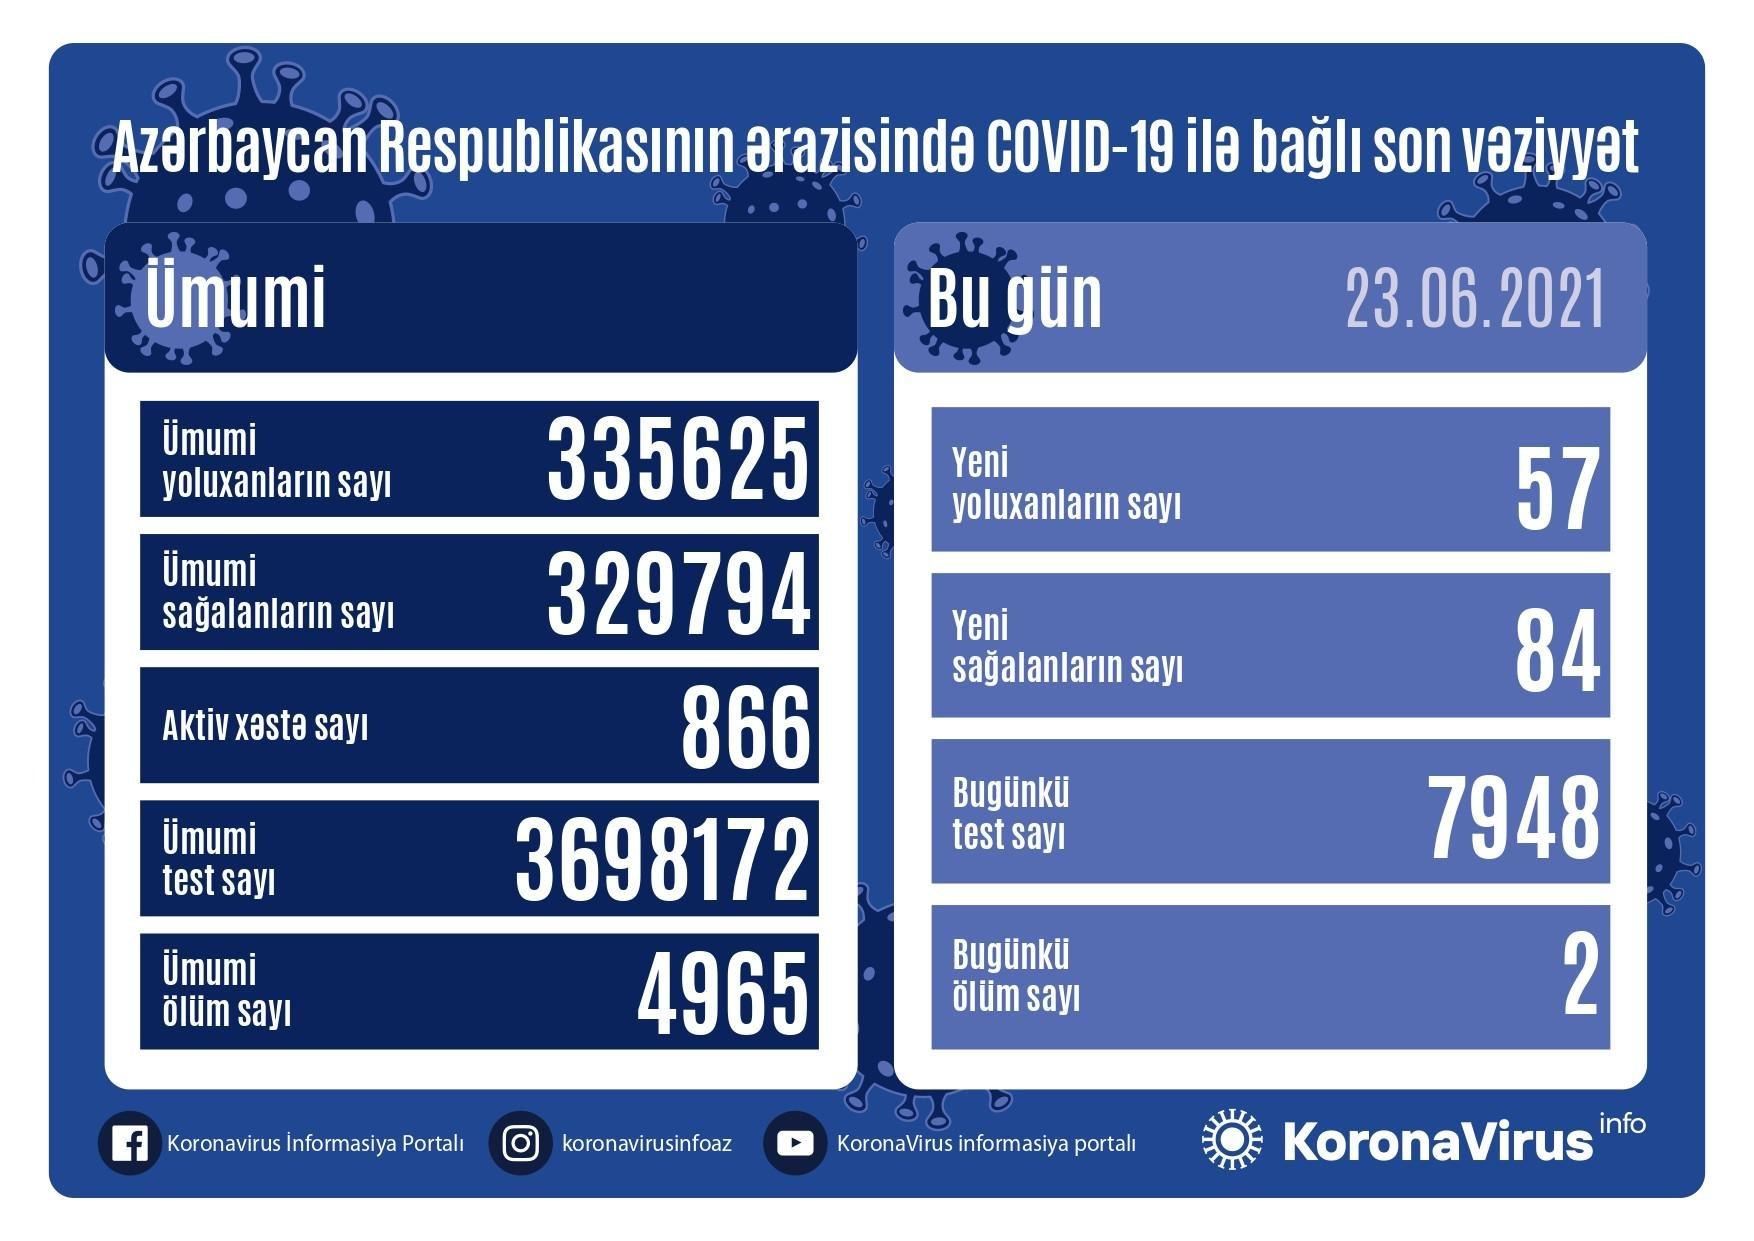 Azərbaycanda daha 57 nəfər COVID-19-a yoluxub